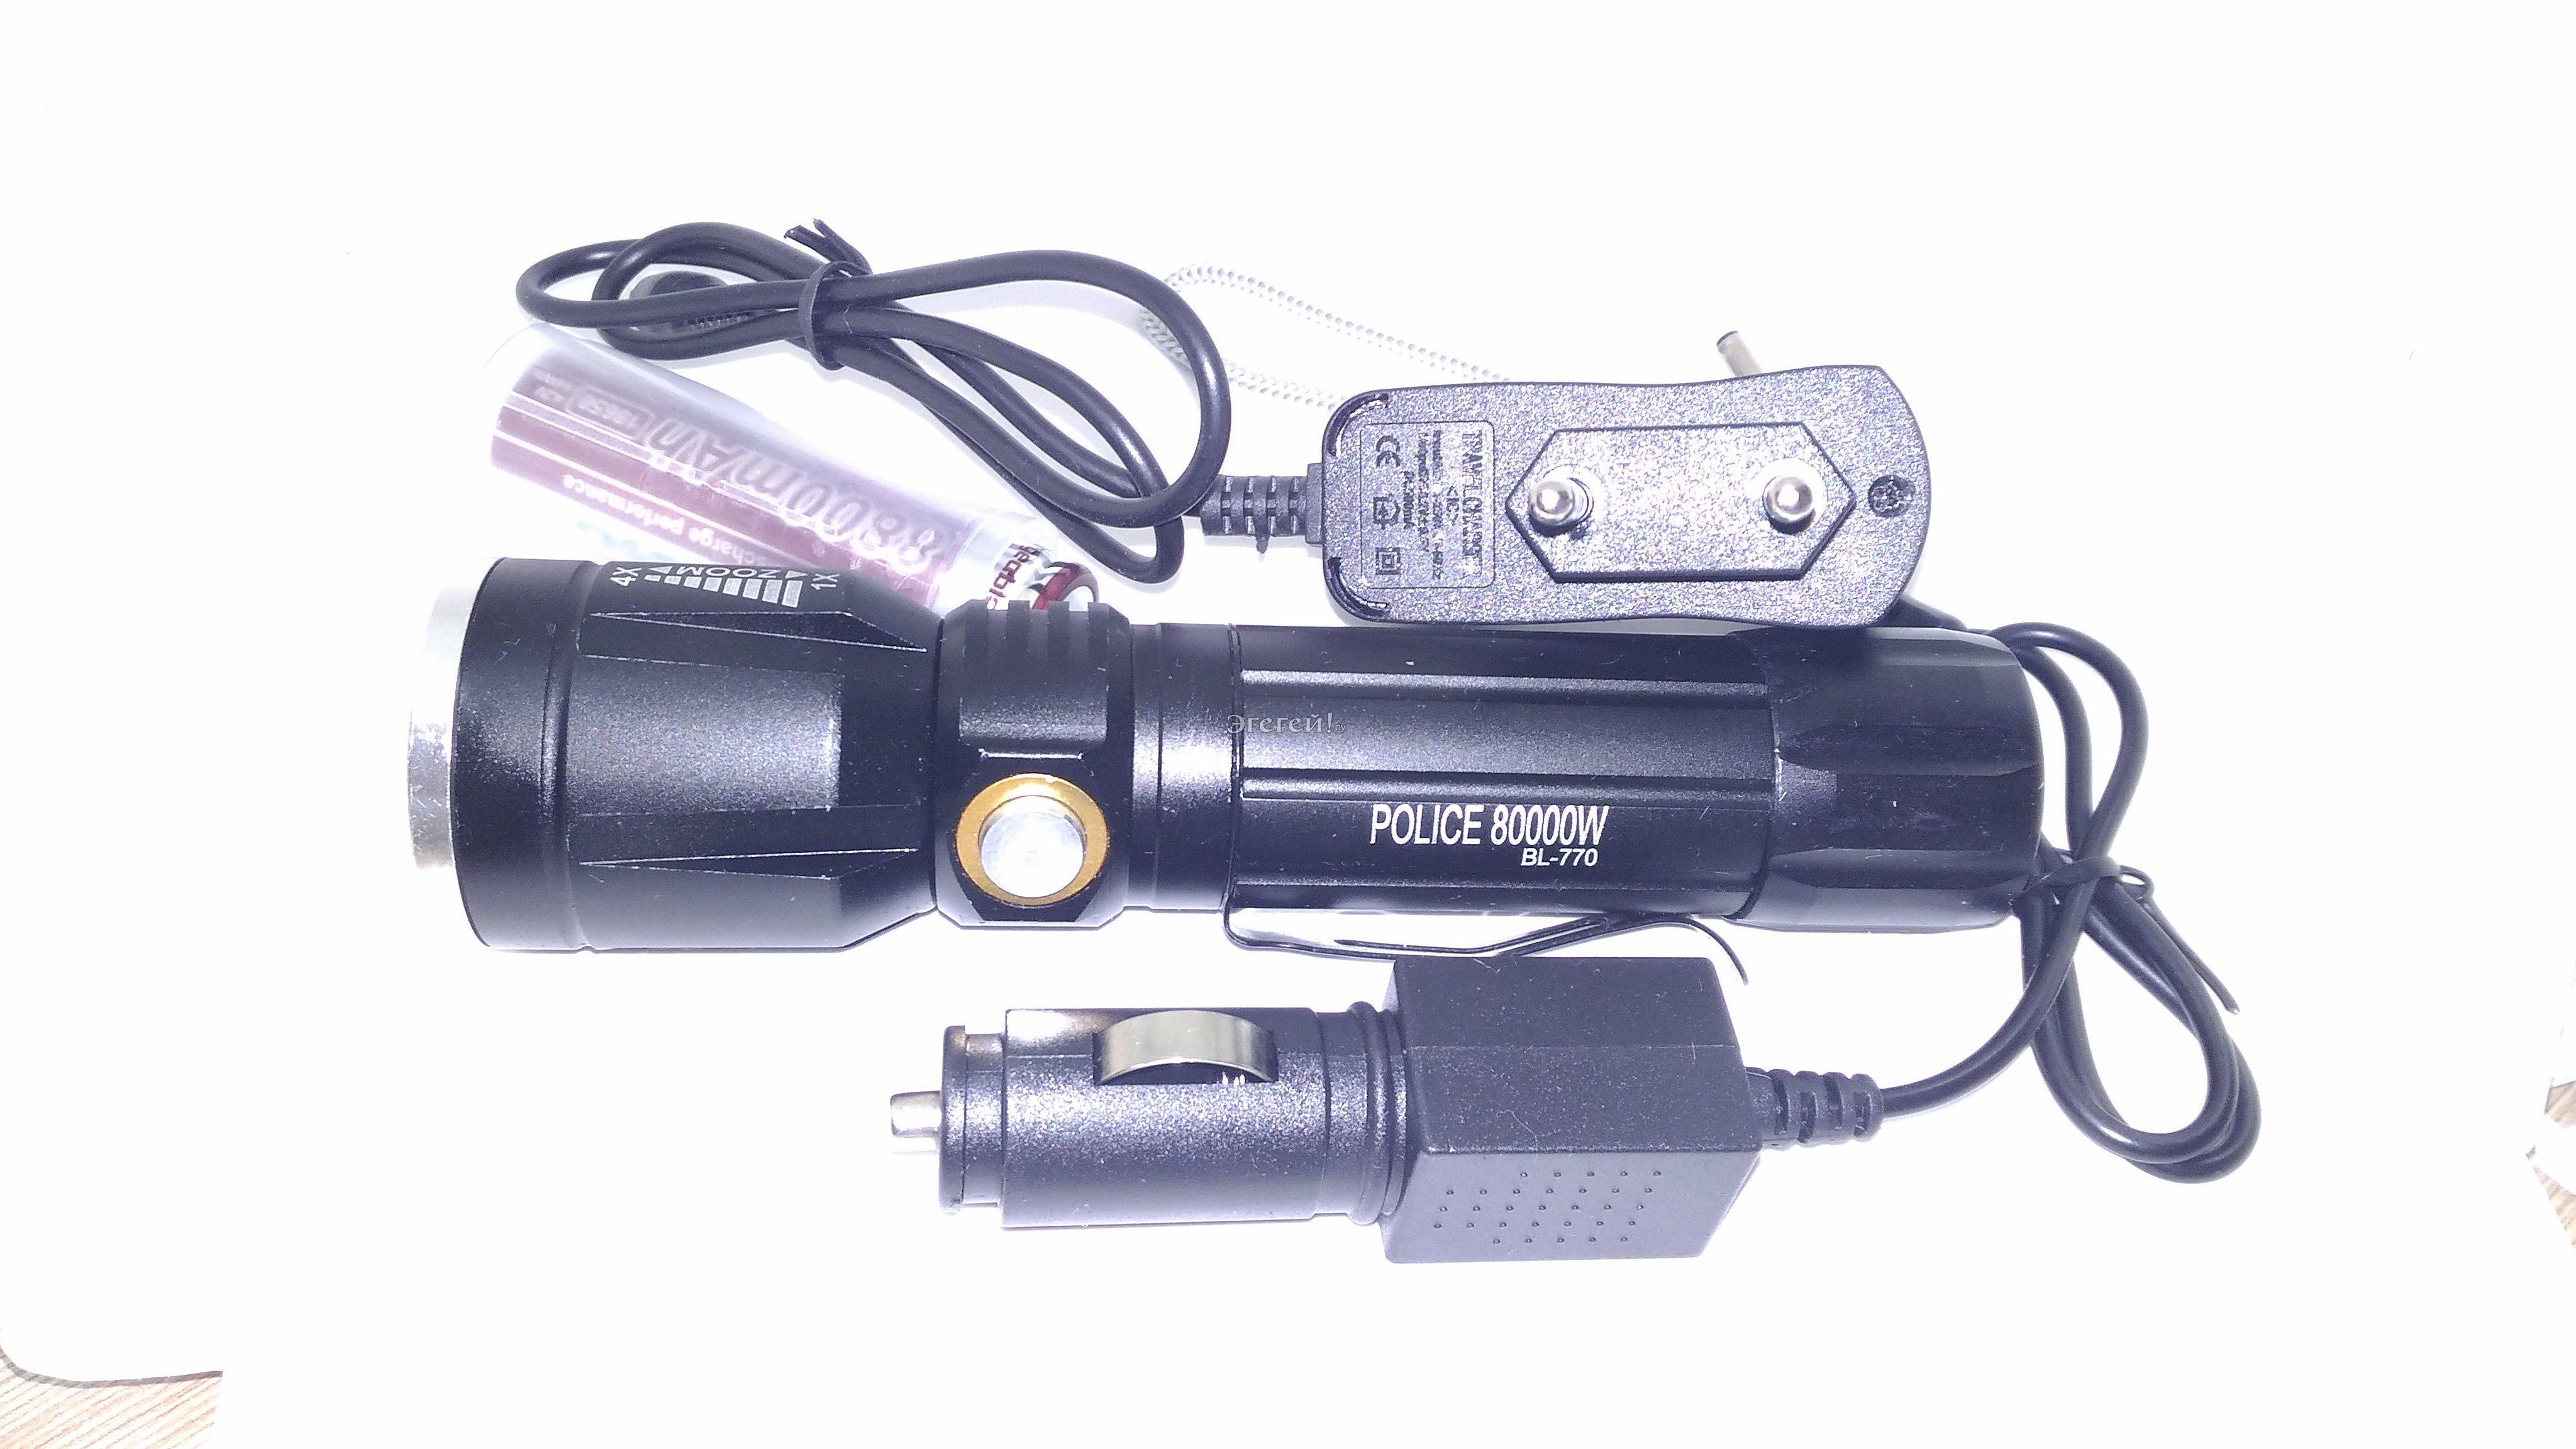 Светодиодный ручной аккумуляторный фонарь BL-770-T6Фонарь ручной BL-770-T6 с аккумулятором, водонепроницаемый, сверхмощный светодиод , с фокусировкой, с зарядкой от сети 220В и от прикуривытеля. Дальность до 2000М!<br> <br> 1) Фонарь выполнен из сплава алюминия и магния, поверхность твердая и прочная, мало деформируется и прошла анодное оксидирование поверхности<br> 2) В фонарике используется LED микрополупроводник, энергопотребеление которого составляет 1/10 от обычной лампы накаливания. Срок службы до 100 тысяч часов<br> 3) Линза и ламповое стекло выполнены из импортного PC материала, обладают высокой прозрачностью и отражательной способностью, прочные и жароустойчивые<br><br> Энергоэкономный, ударостойкий<br> 1 диод CREE T6-WC (срок службы до 100000 часов)<br> 2 режима яркости, стробоскоп, ZOOM<br> Работа от аккумулятора (18650 3,7V)<br> Зарядное устройство от сети 220 В и прикуривателя<br>